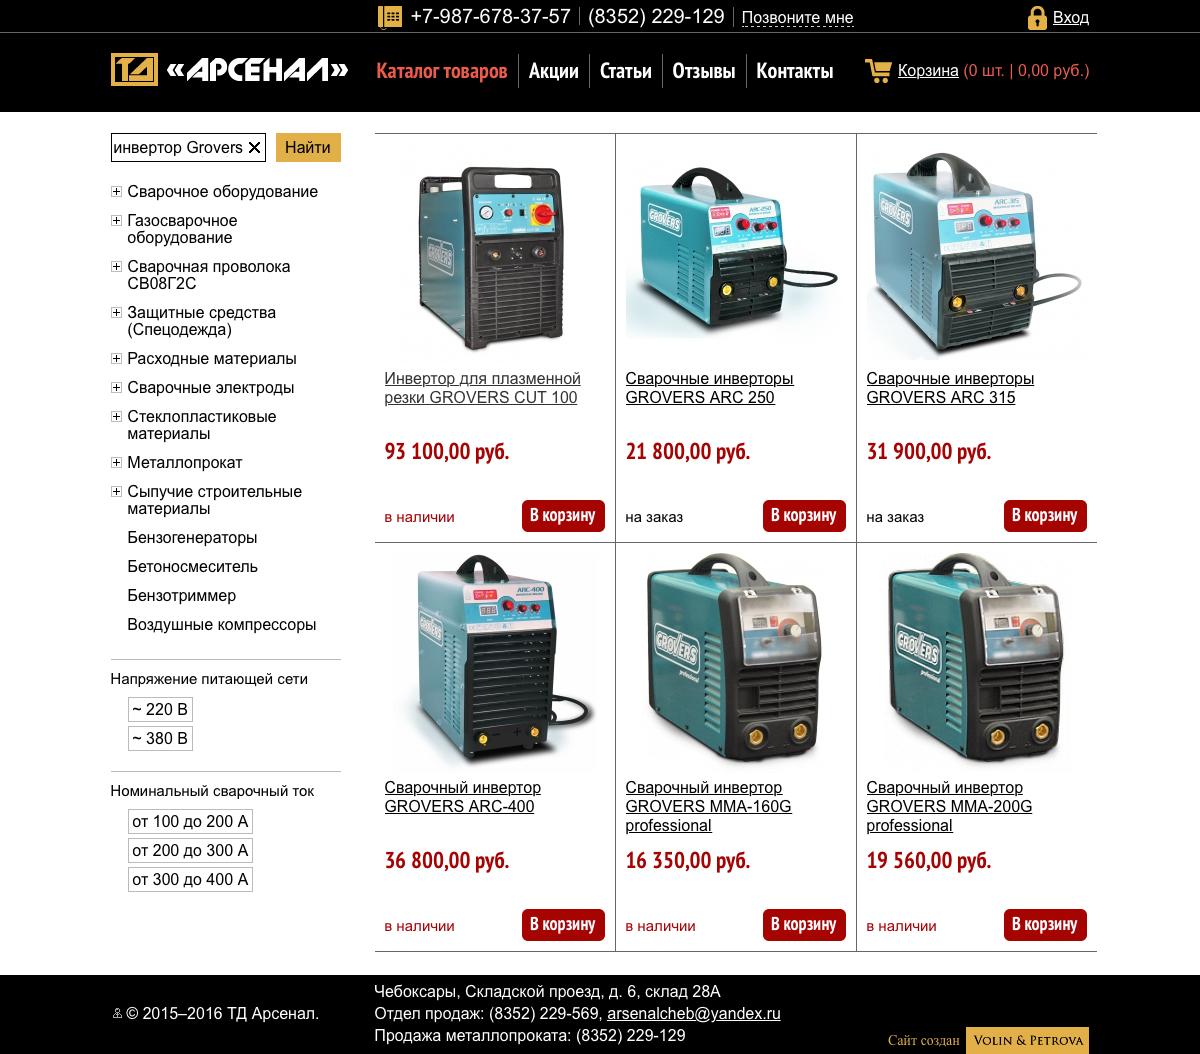 Разрабатываем сайты на заказ. Стоимость от 8000 руб.